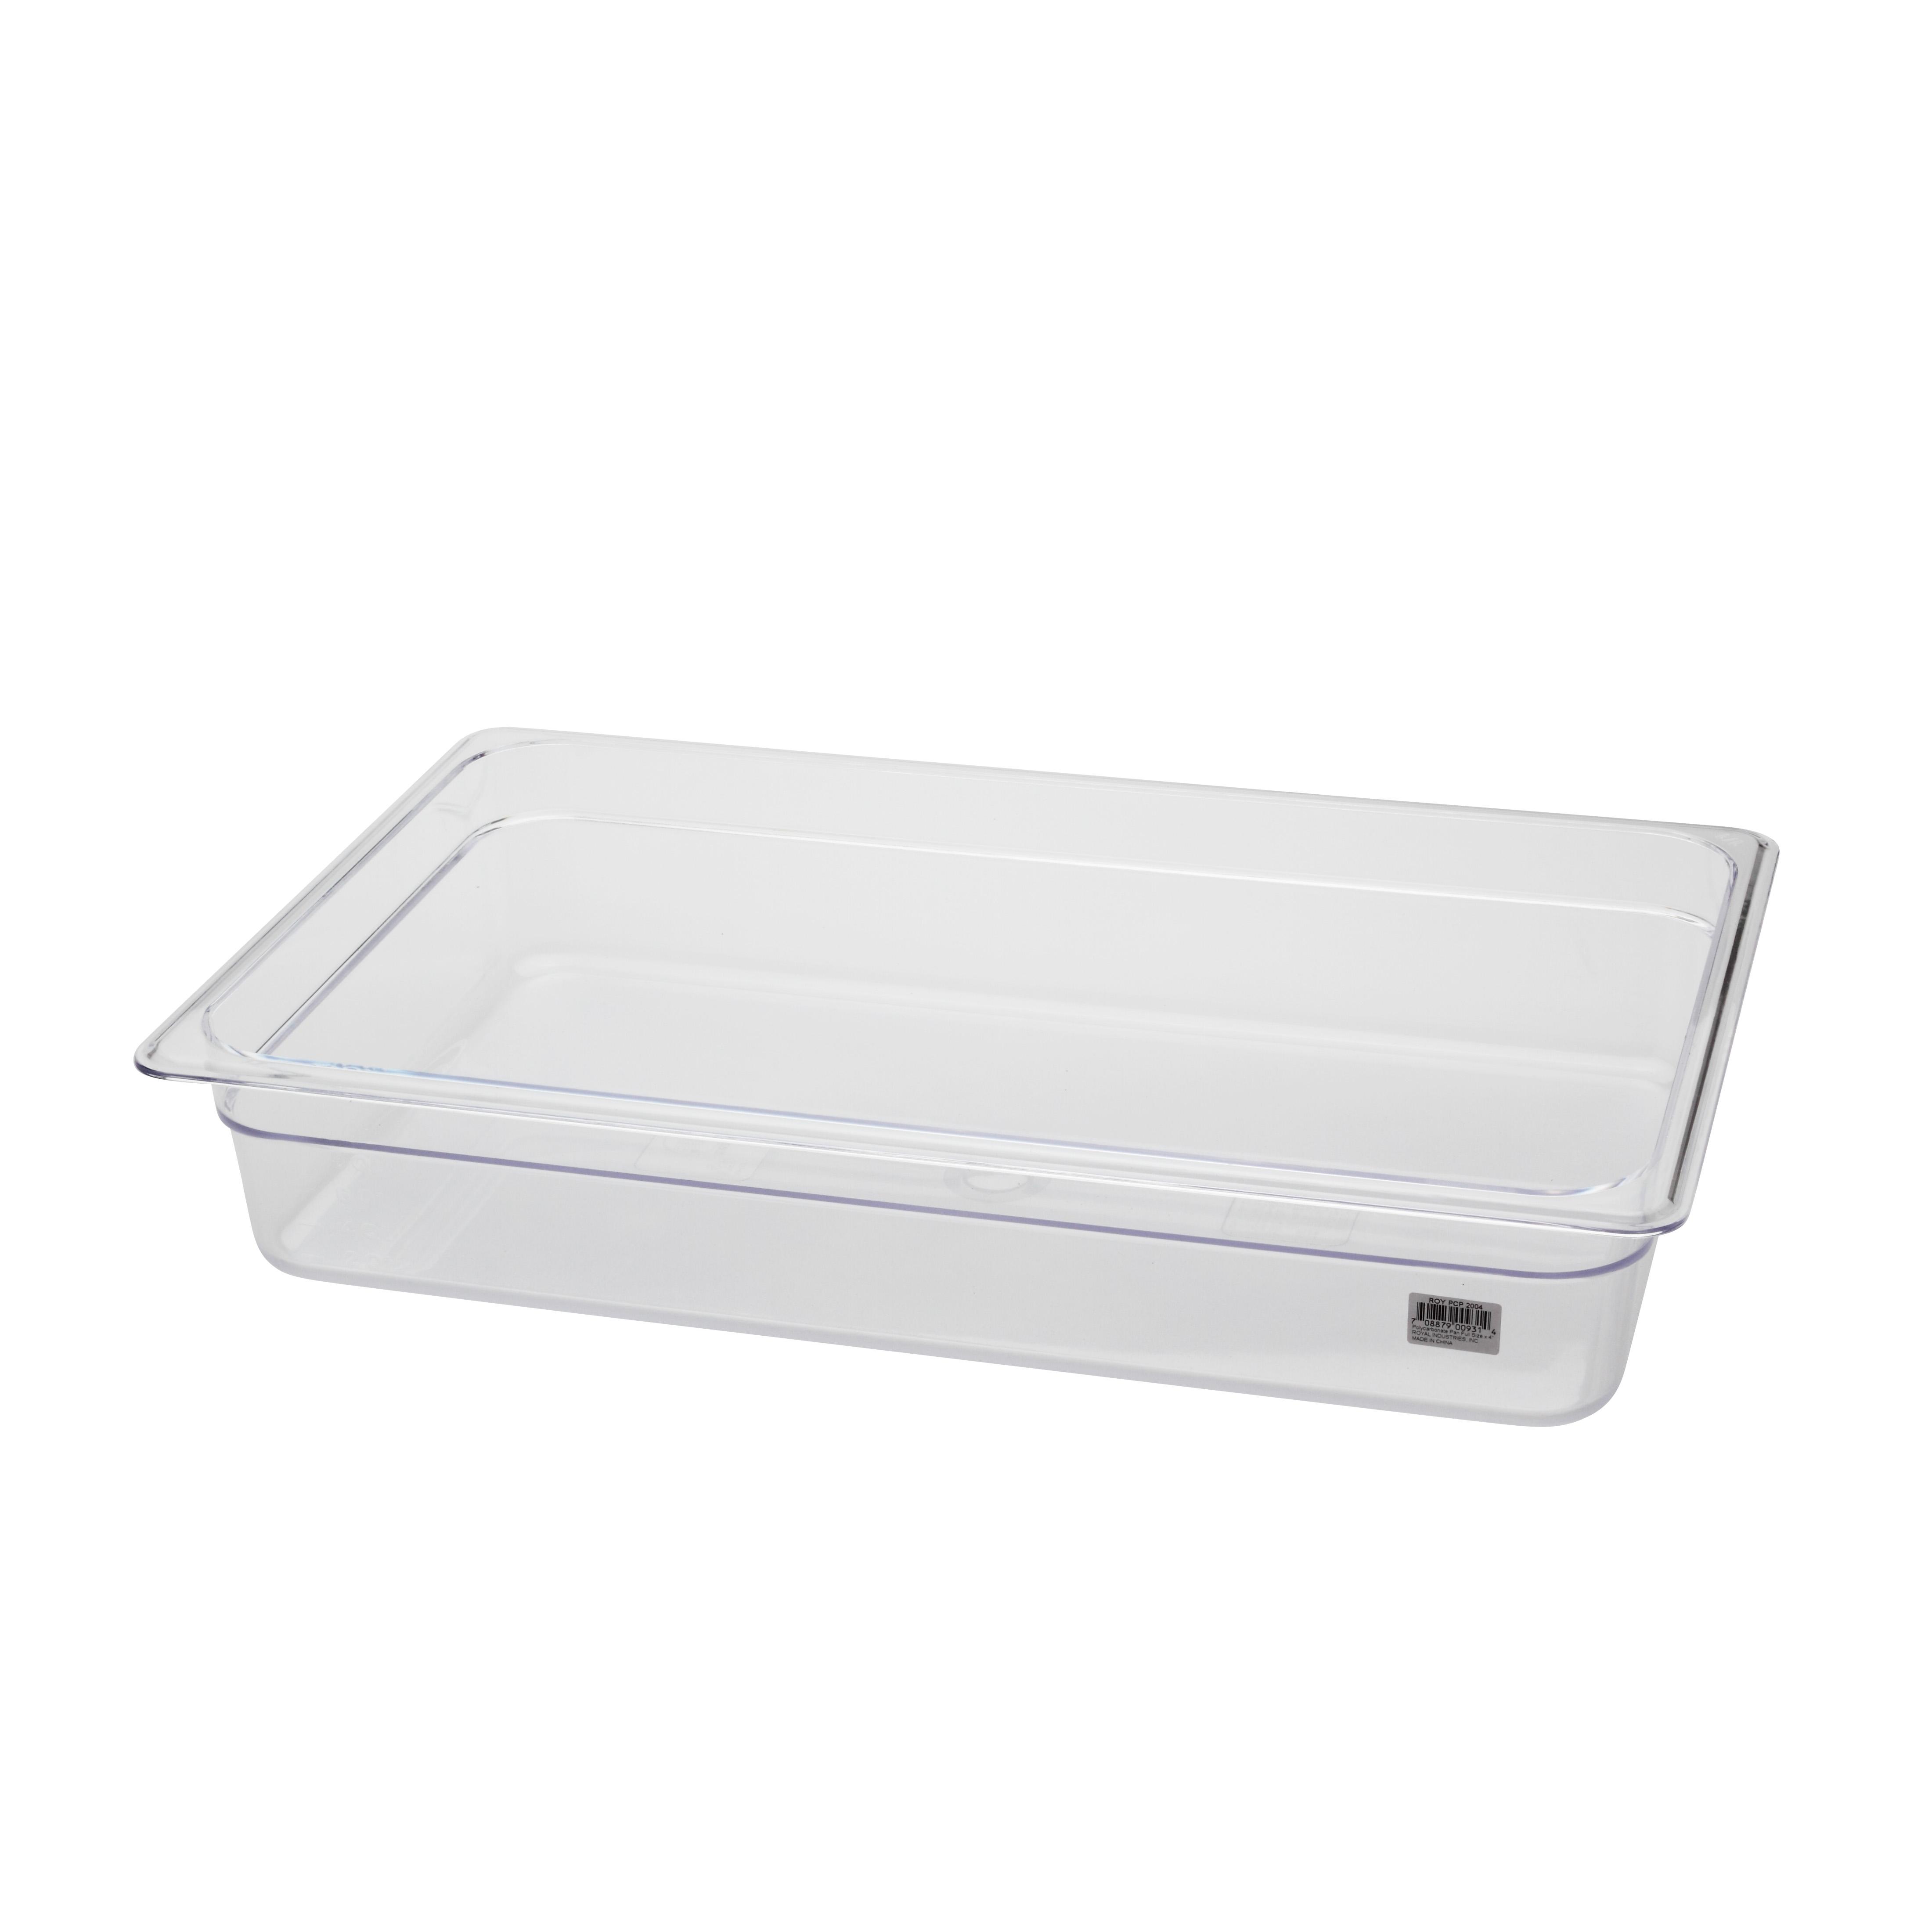 Royal Industries ROY PCP 2004 food pan, plastic